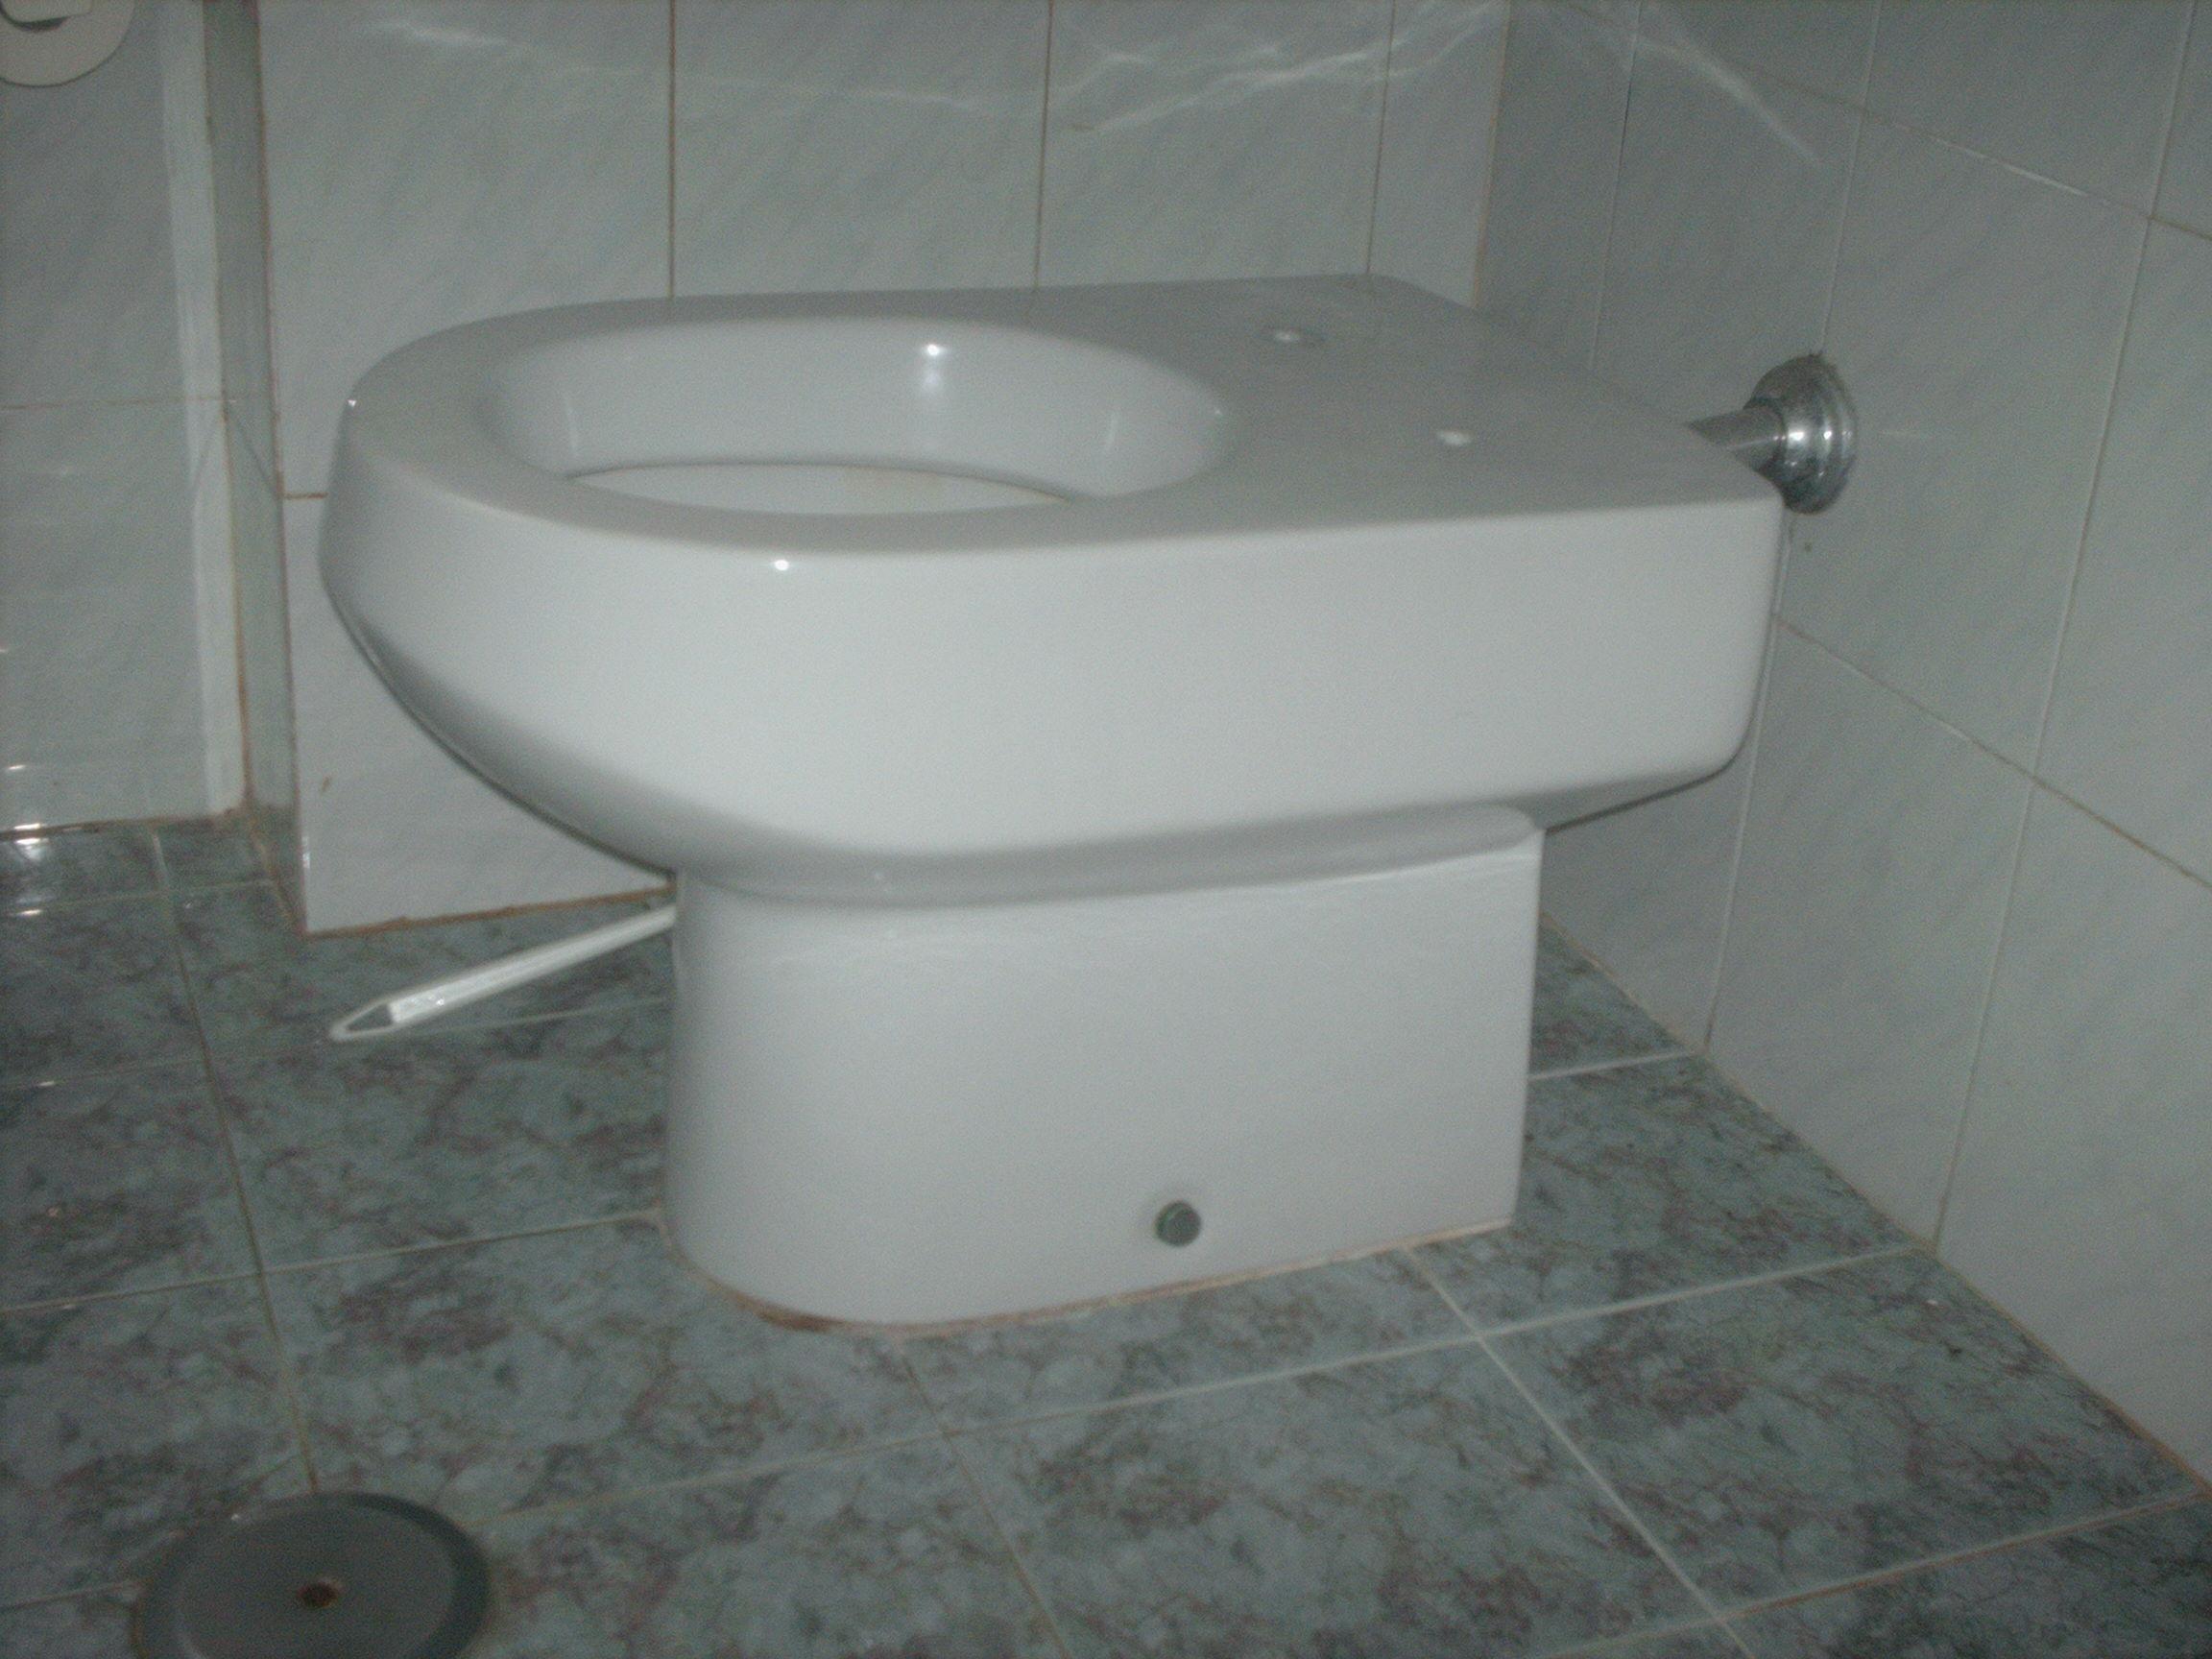 Ceramica Dolomite Serie Alpina.Sanitari Dolomite Vecchi Modelli Troviamo Il Copriwater